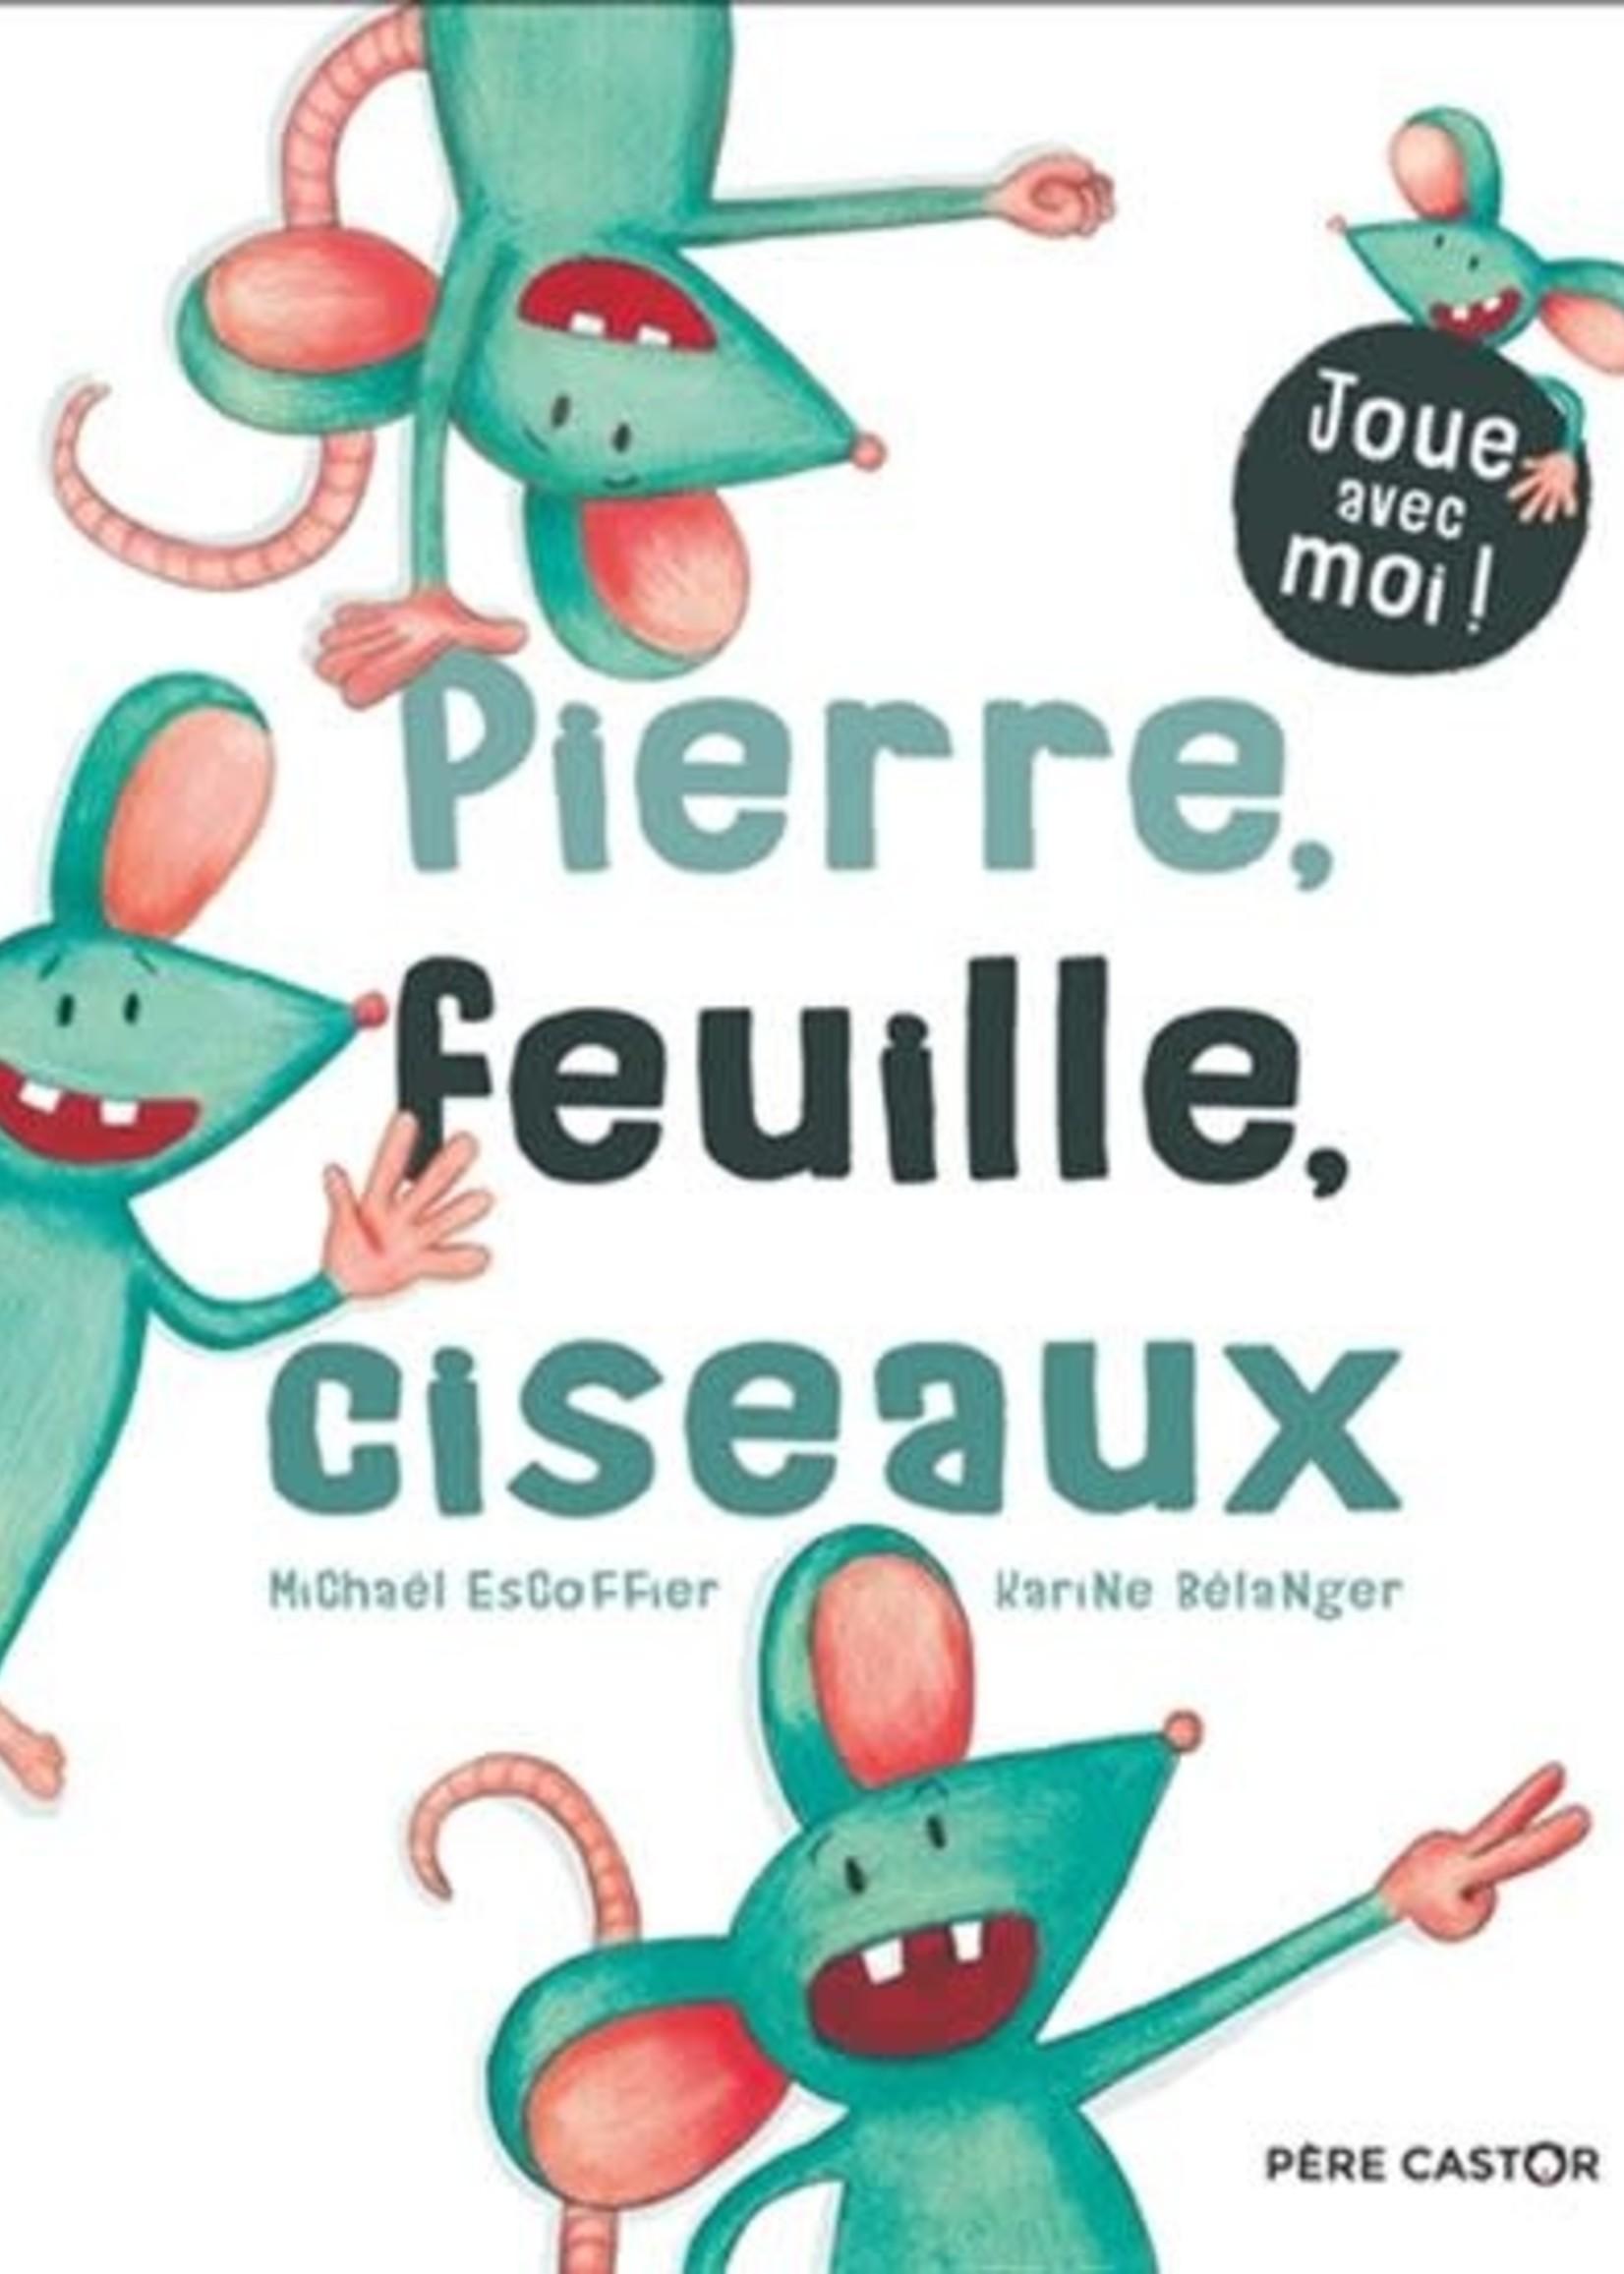 Pierre, feuille, ciseaux by Michaël Escoffier, Karine Bélanger